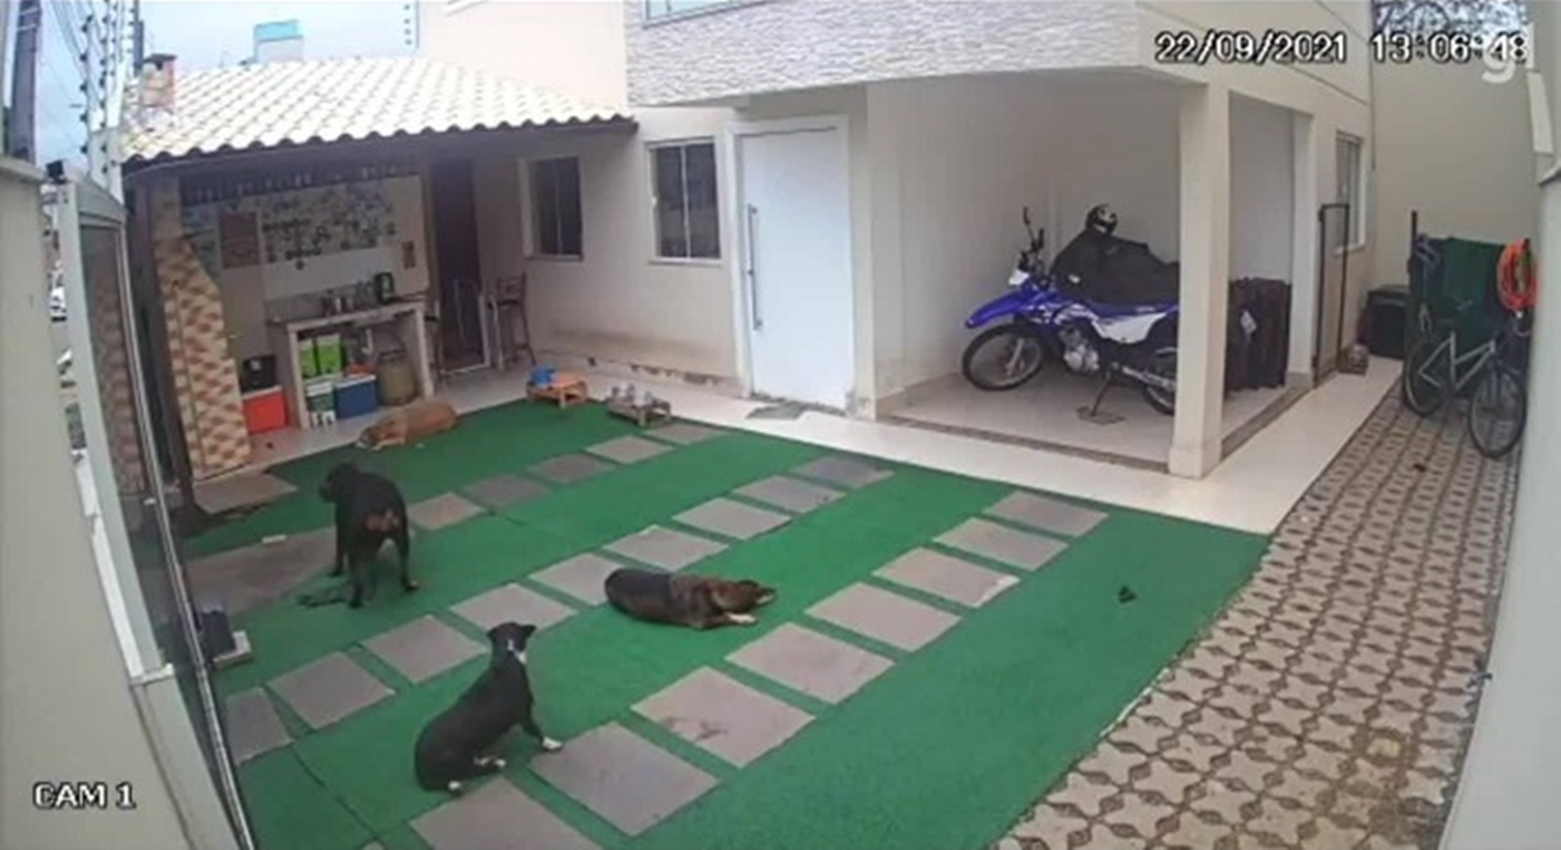 Dois cachorros morrerem no ataque. Foto: Reprodução